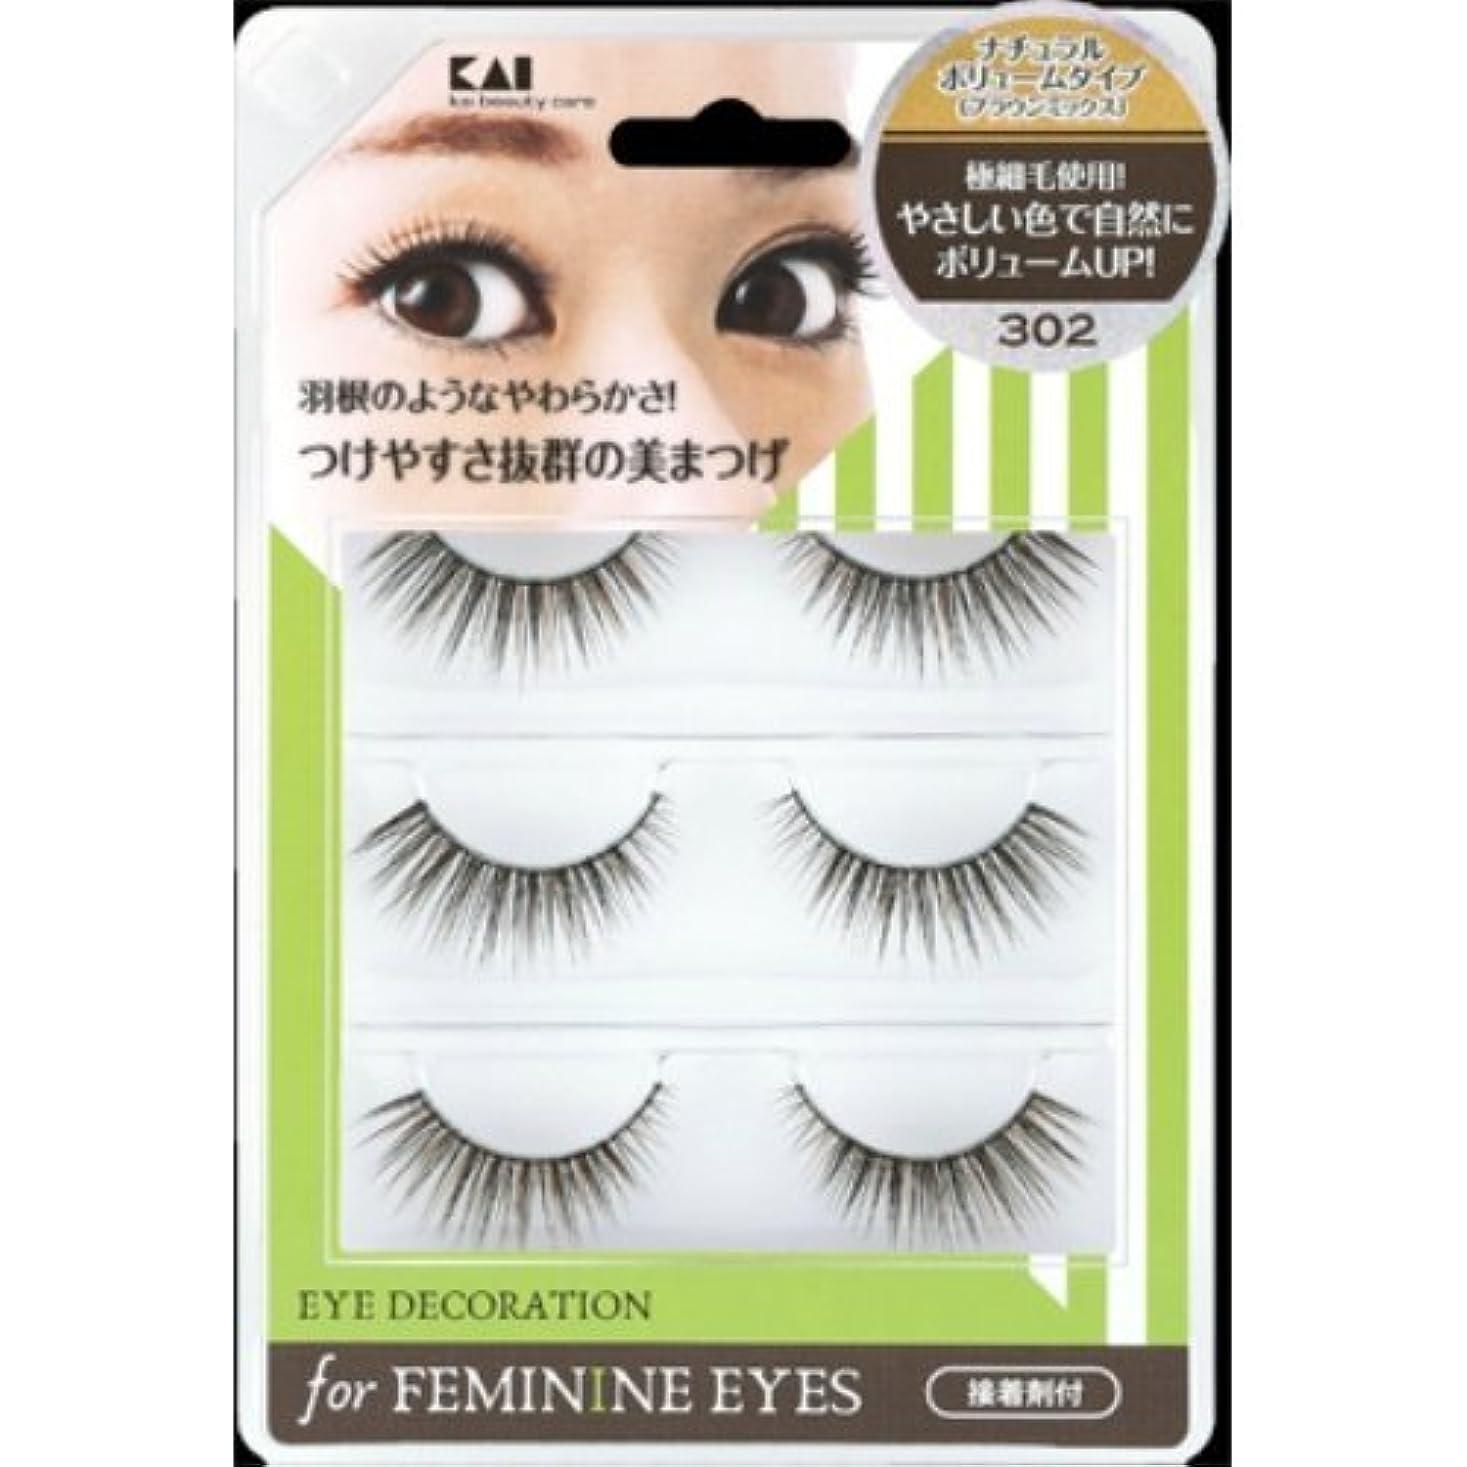 悪因子専らトピック貝印 アイデコレーション for feminine eyes 302 HC1562